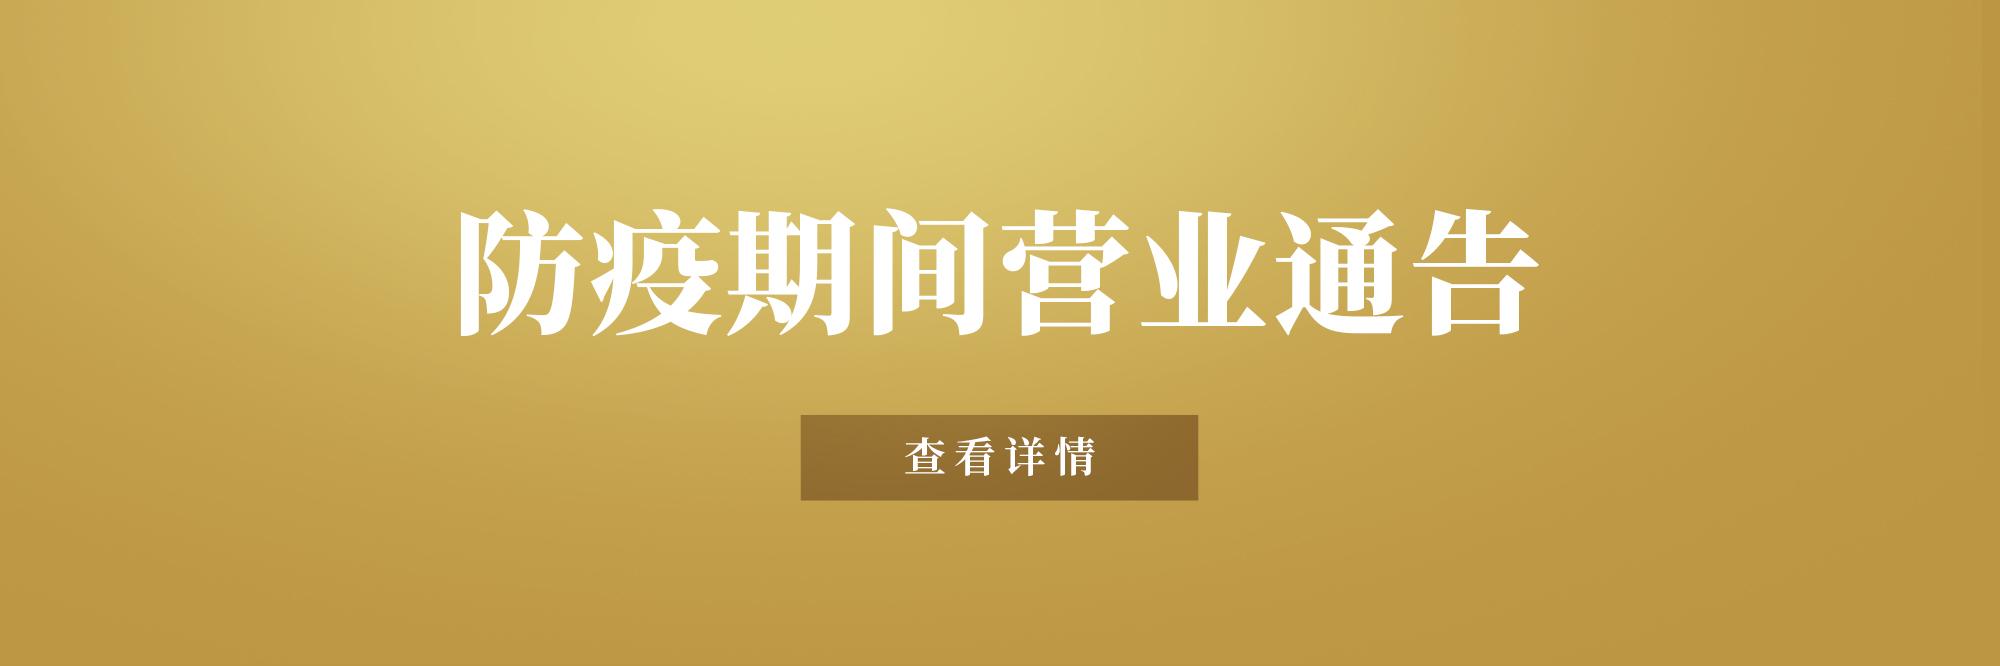 https://assets.sandsresortsmacao.cn/content/sandsresortsmacao/macau-offers/sands-loves-macao-2020/pc_cta-banner_sc_2000x666.jpg